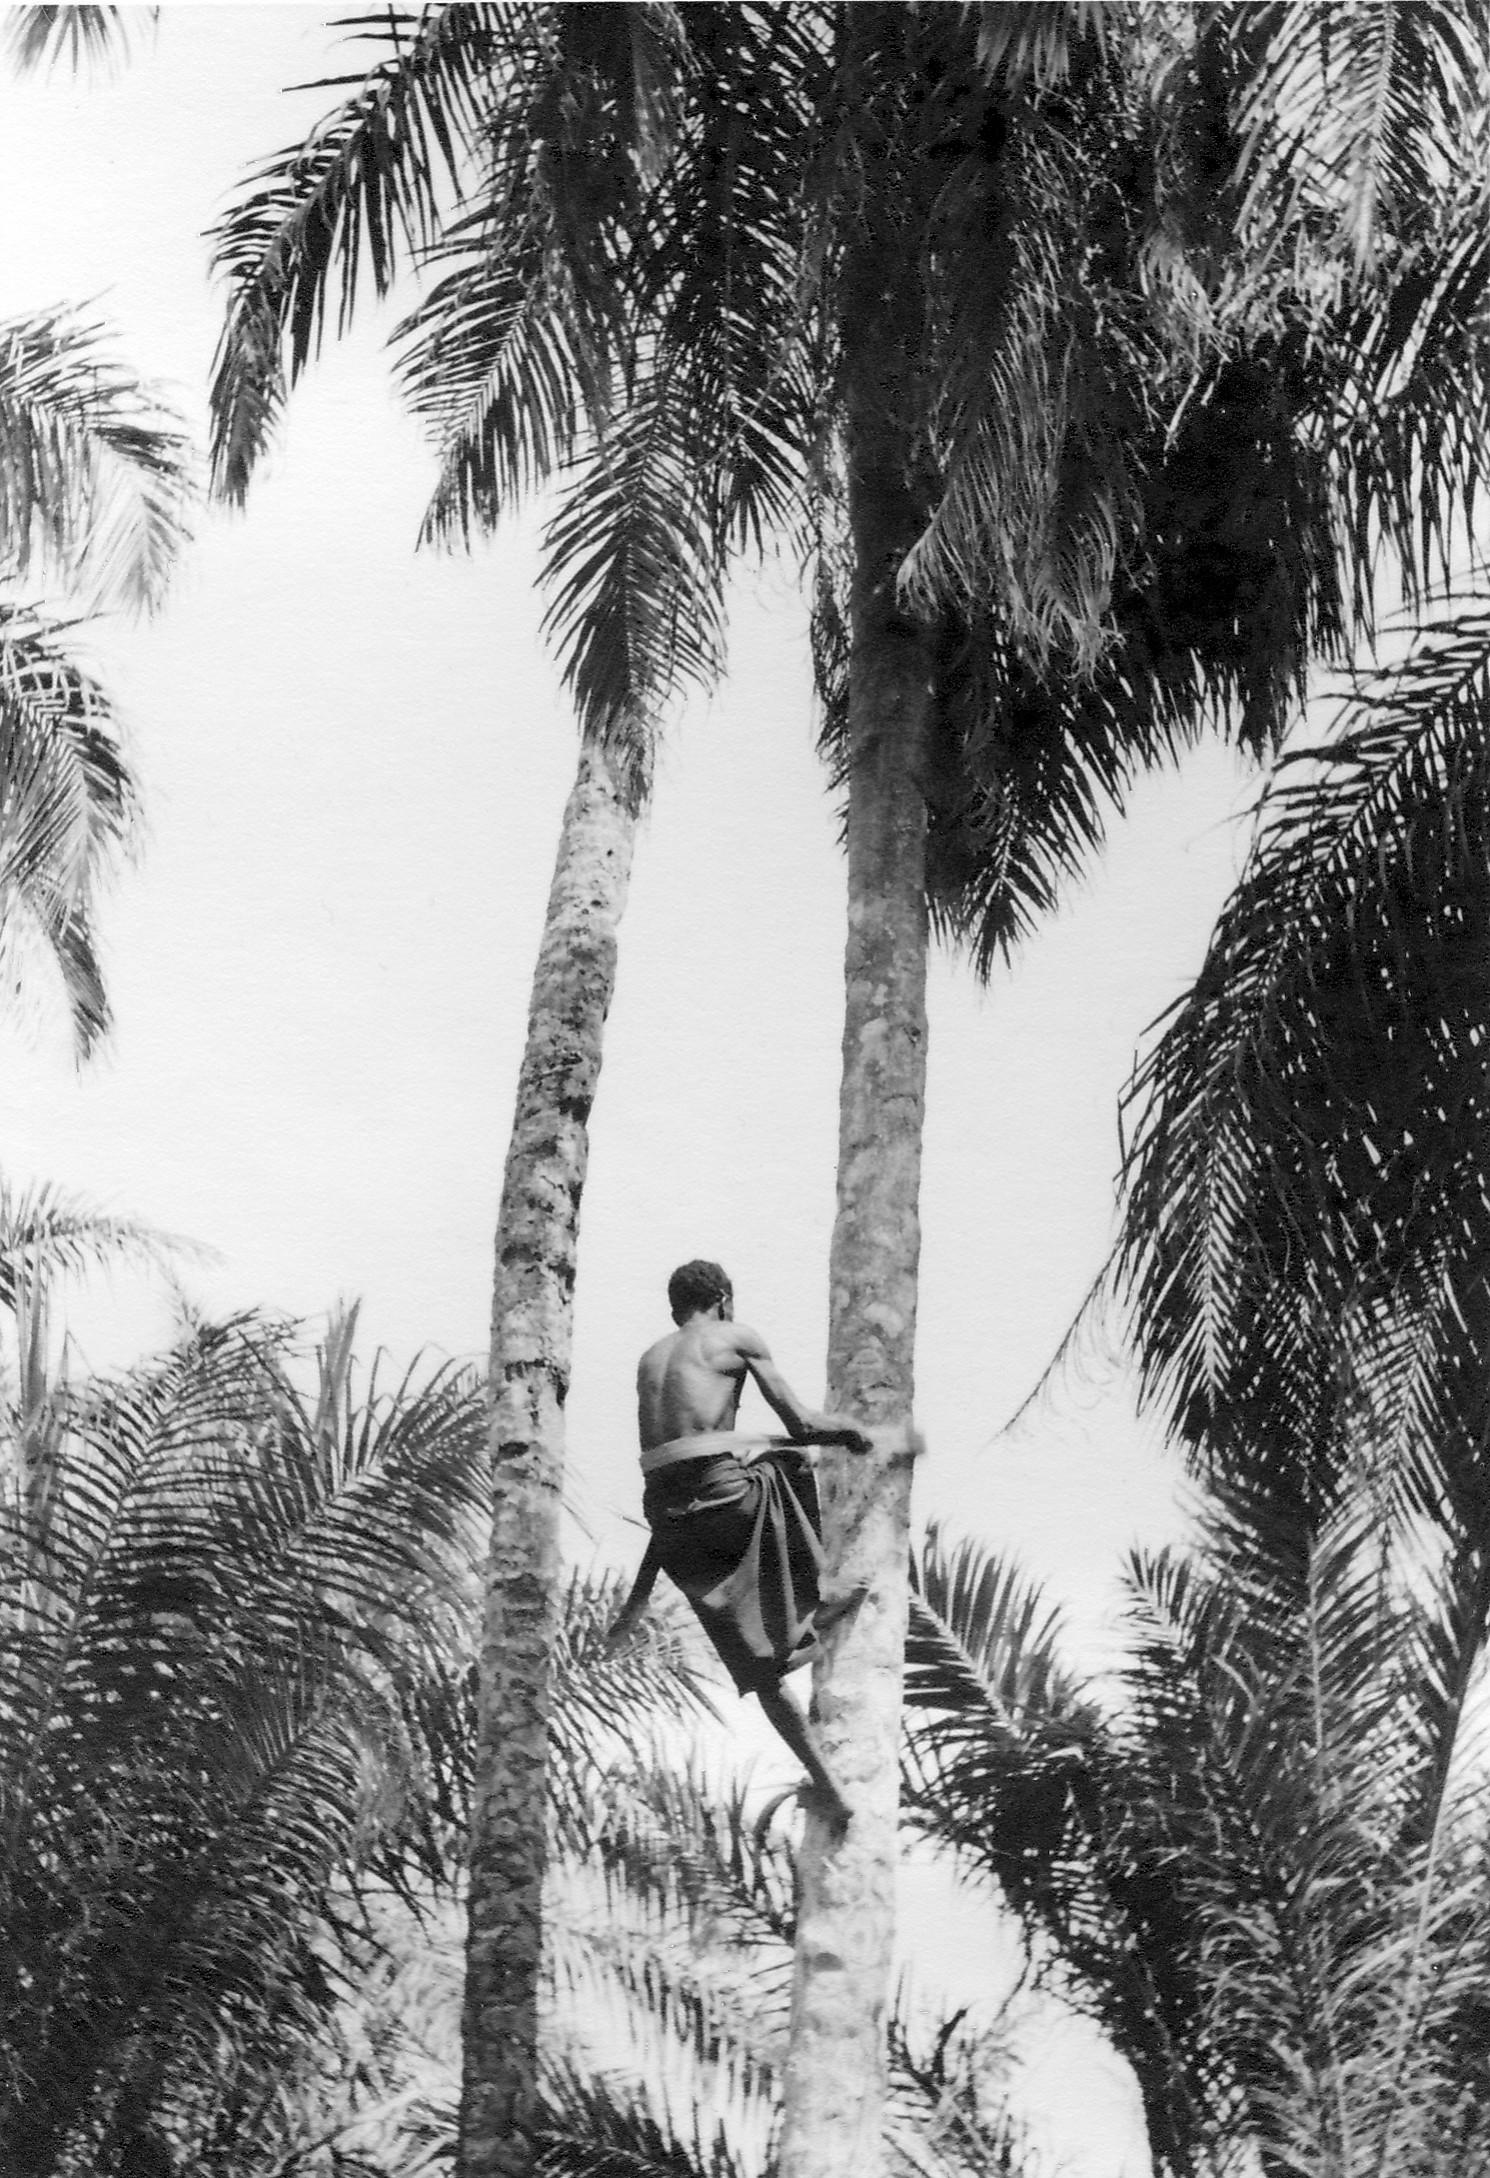 palmier malais 6 lettres